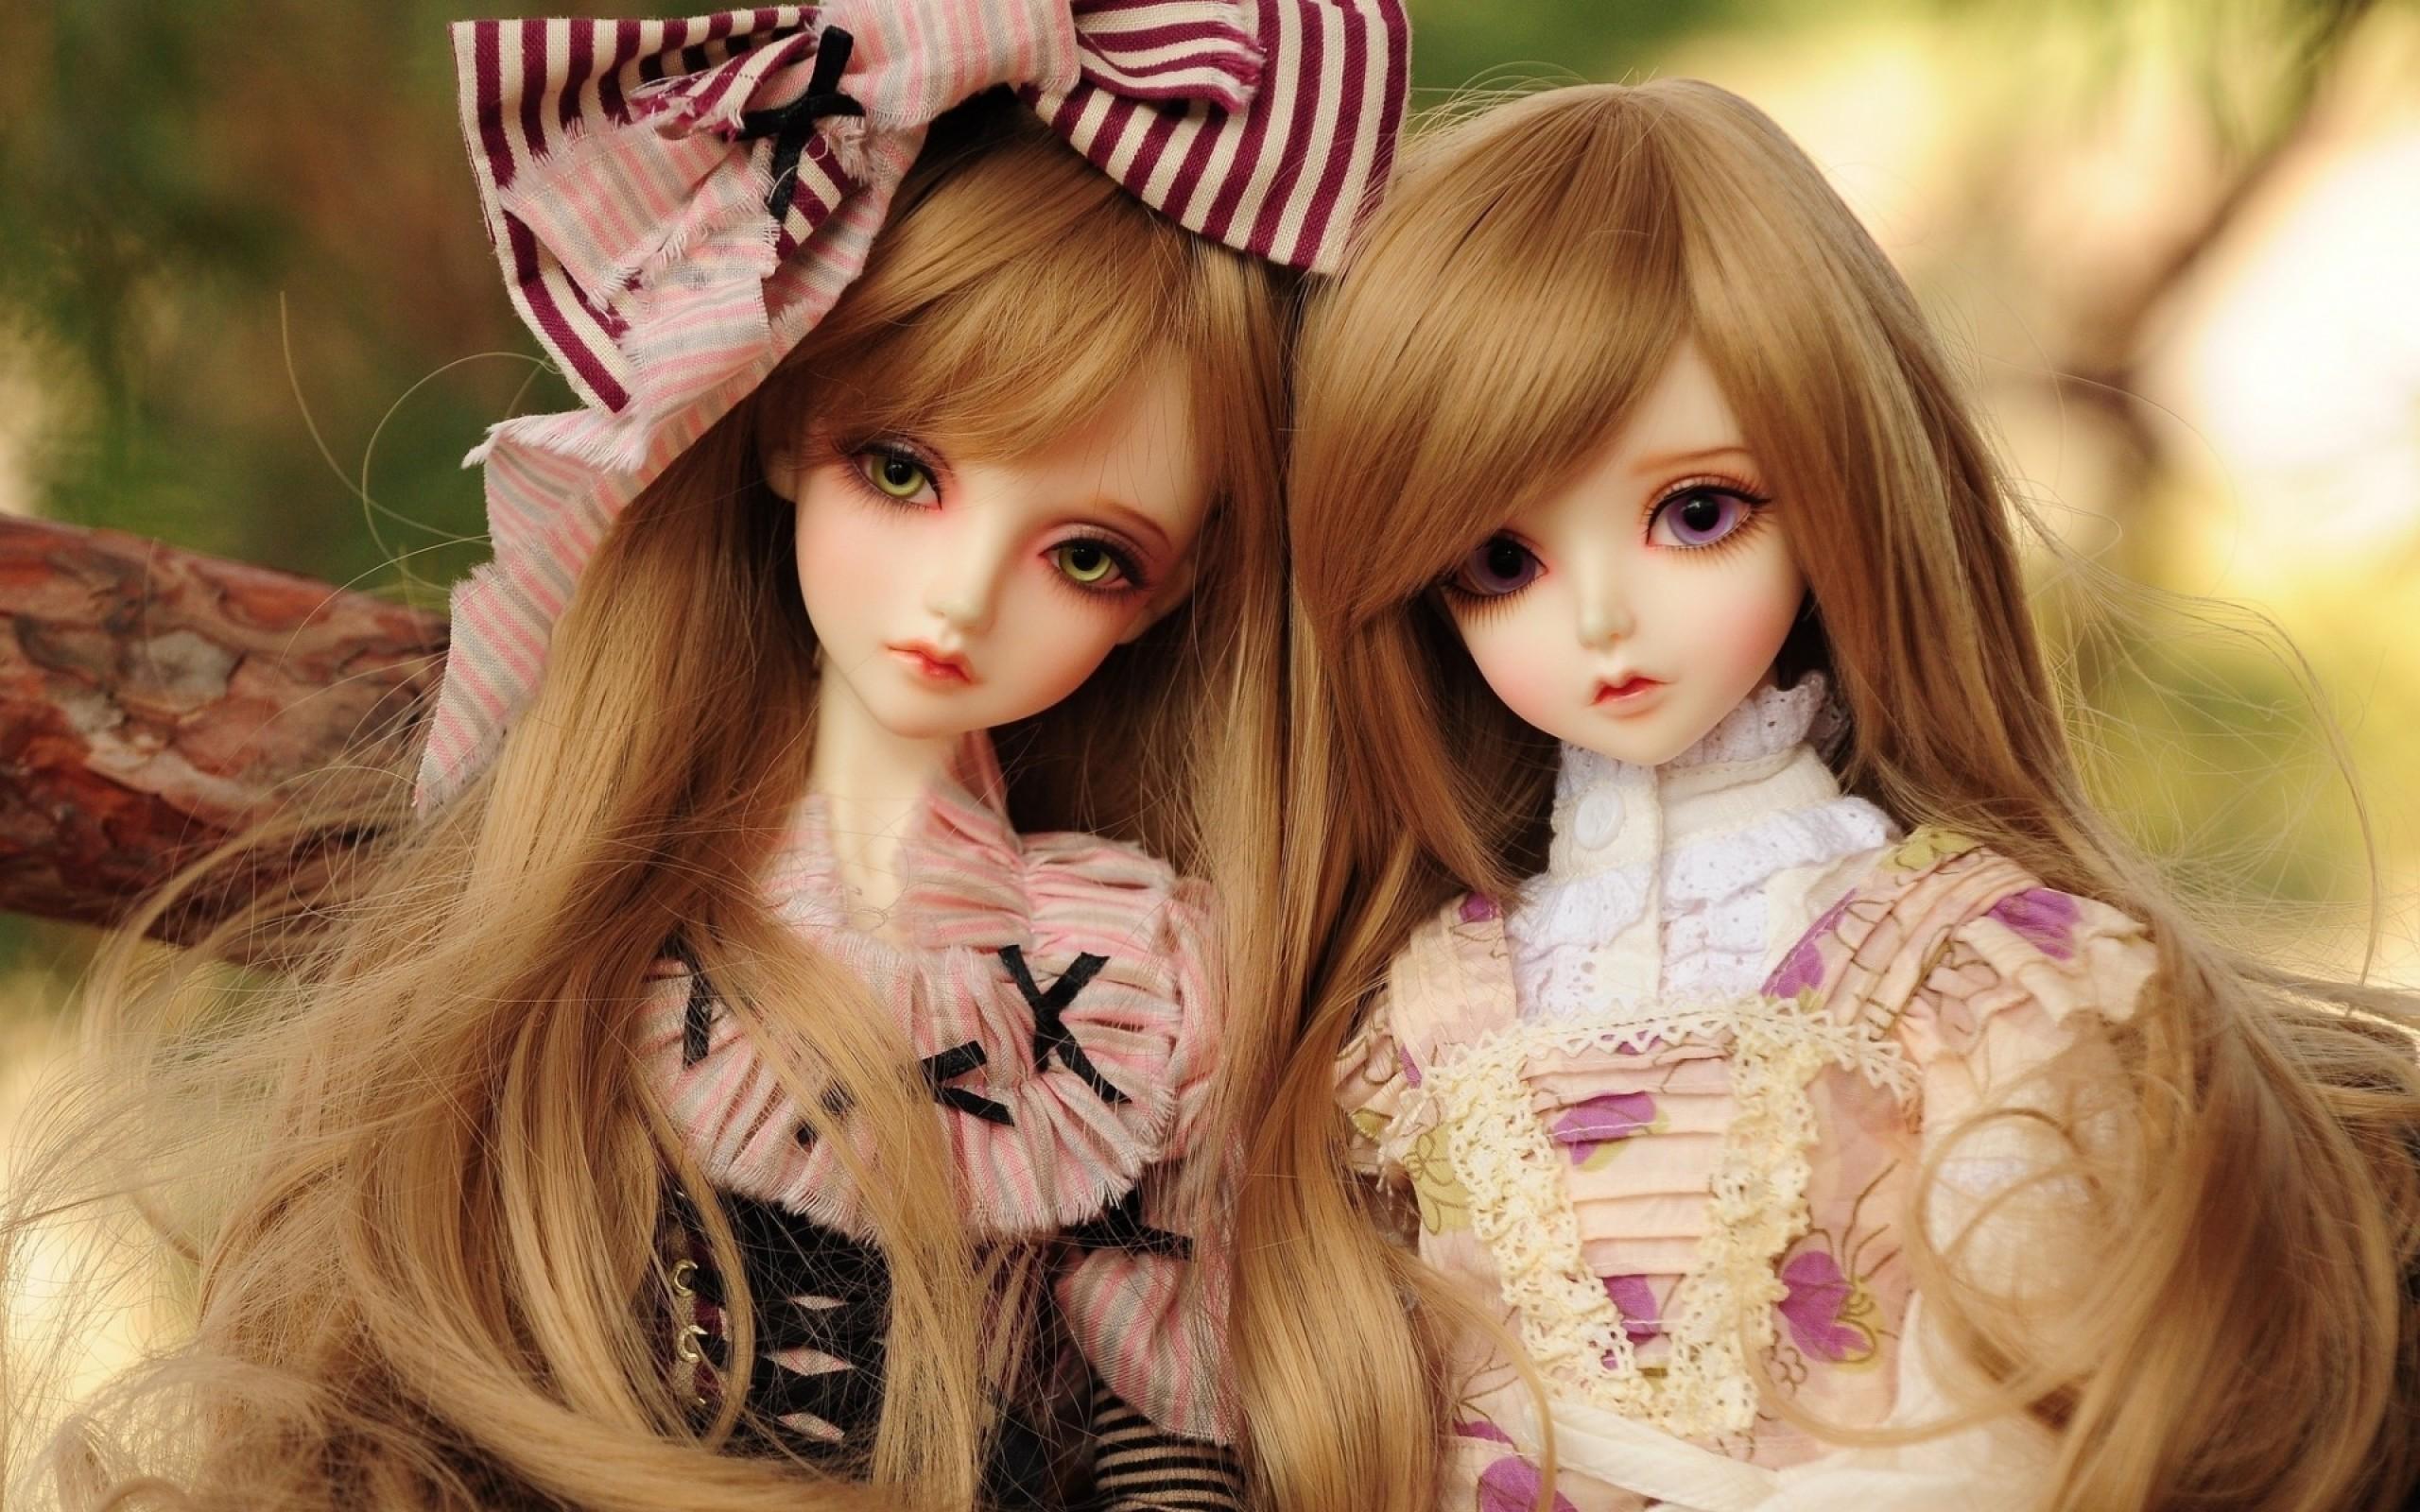 Wallpaper Beautiful Dolls 2560x1600